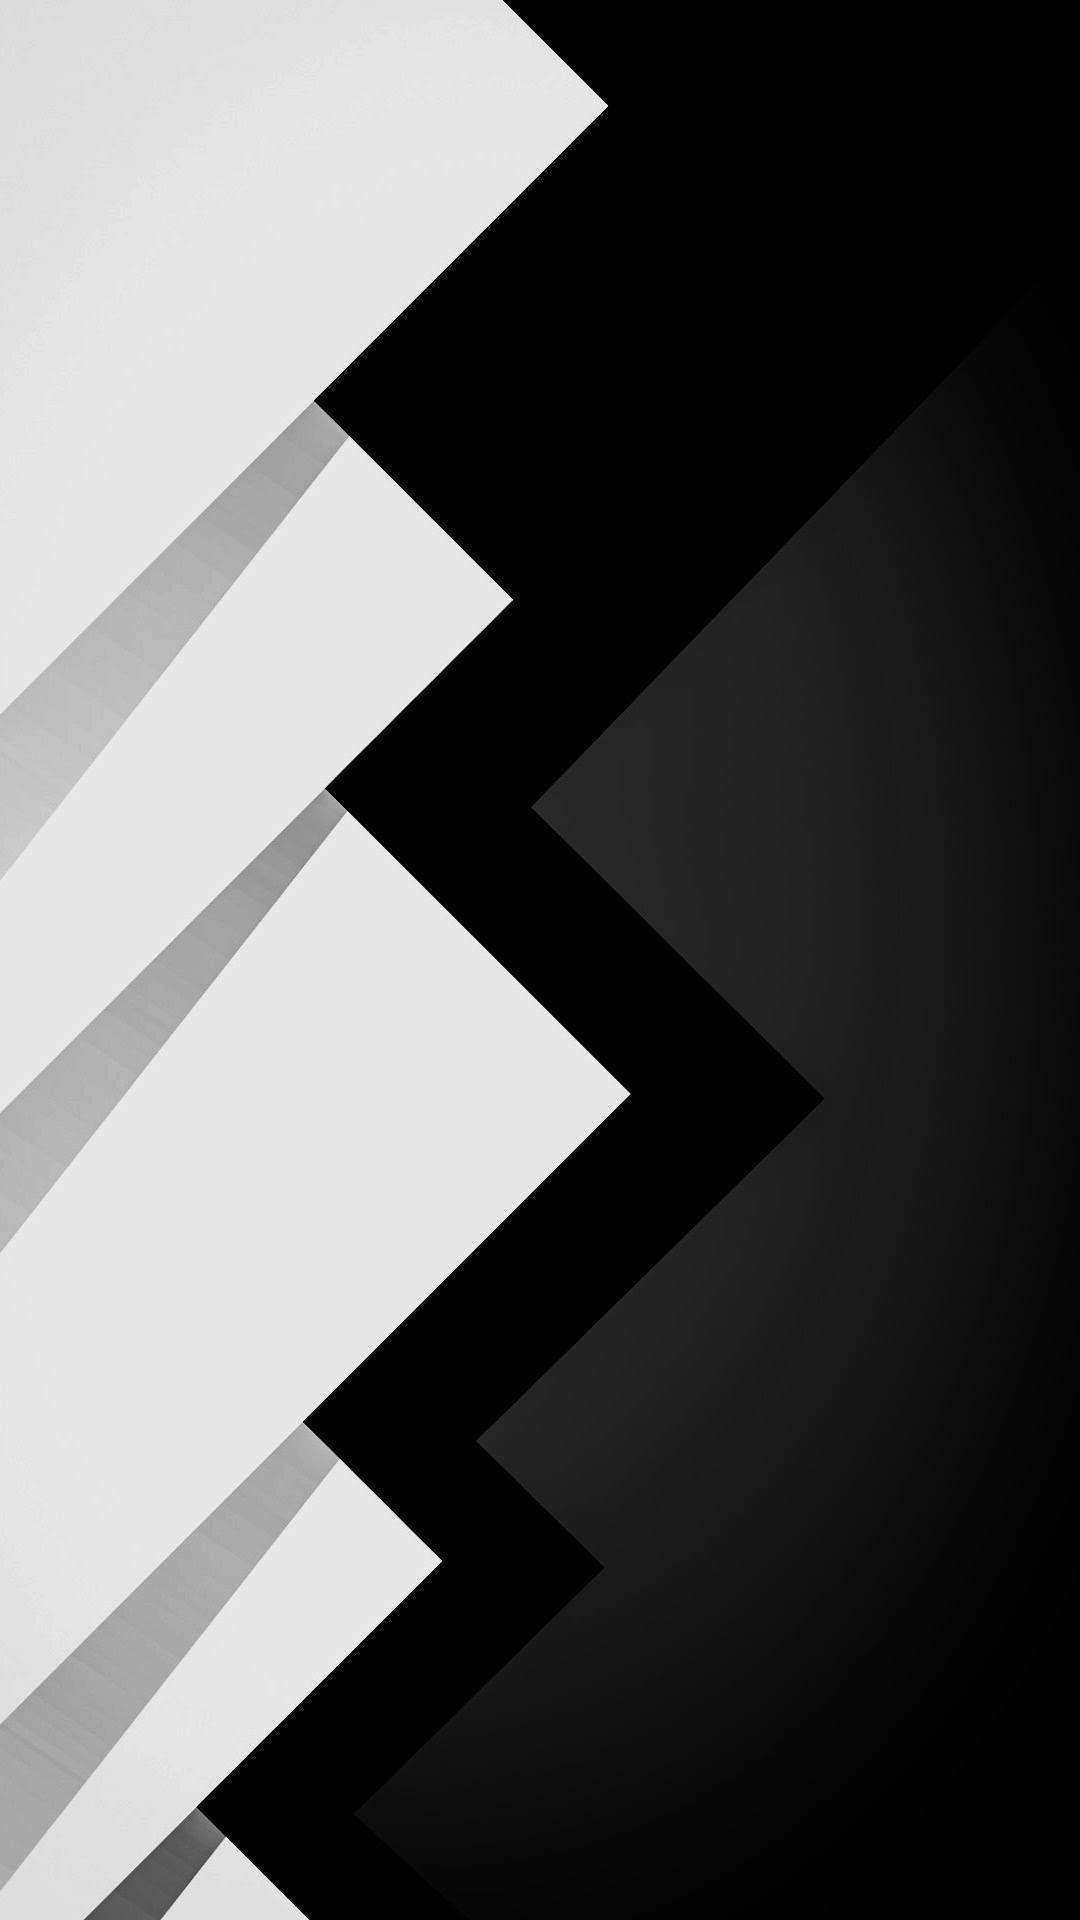 Minimalist White Pattern Wallpaper Latar Belakang Grafis Gambar